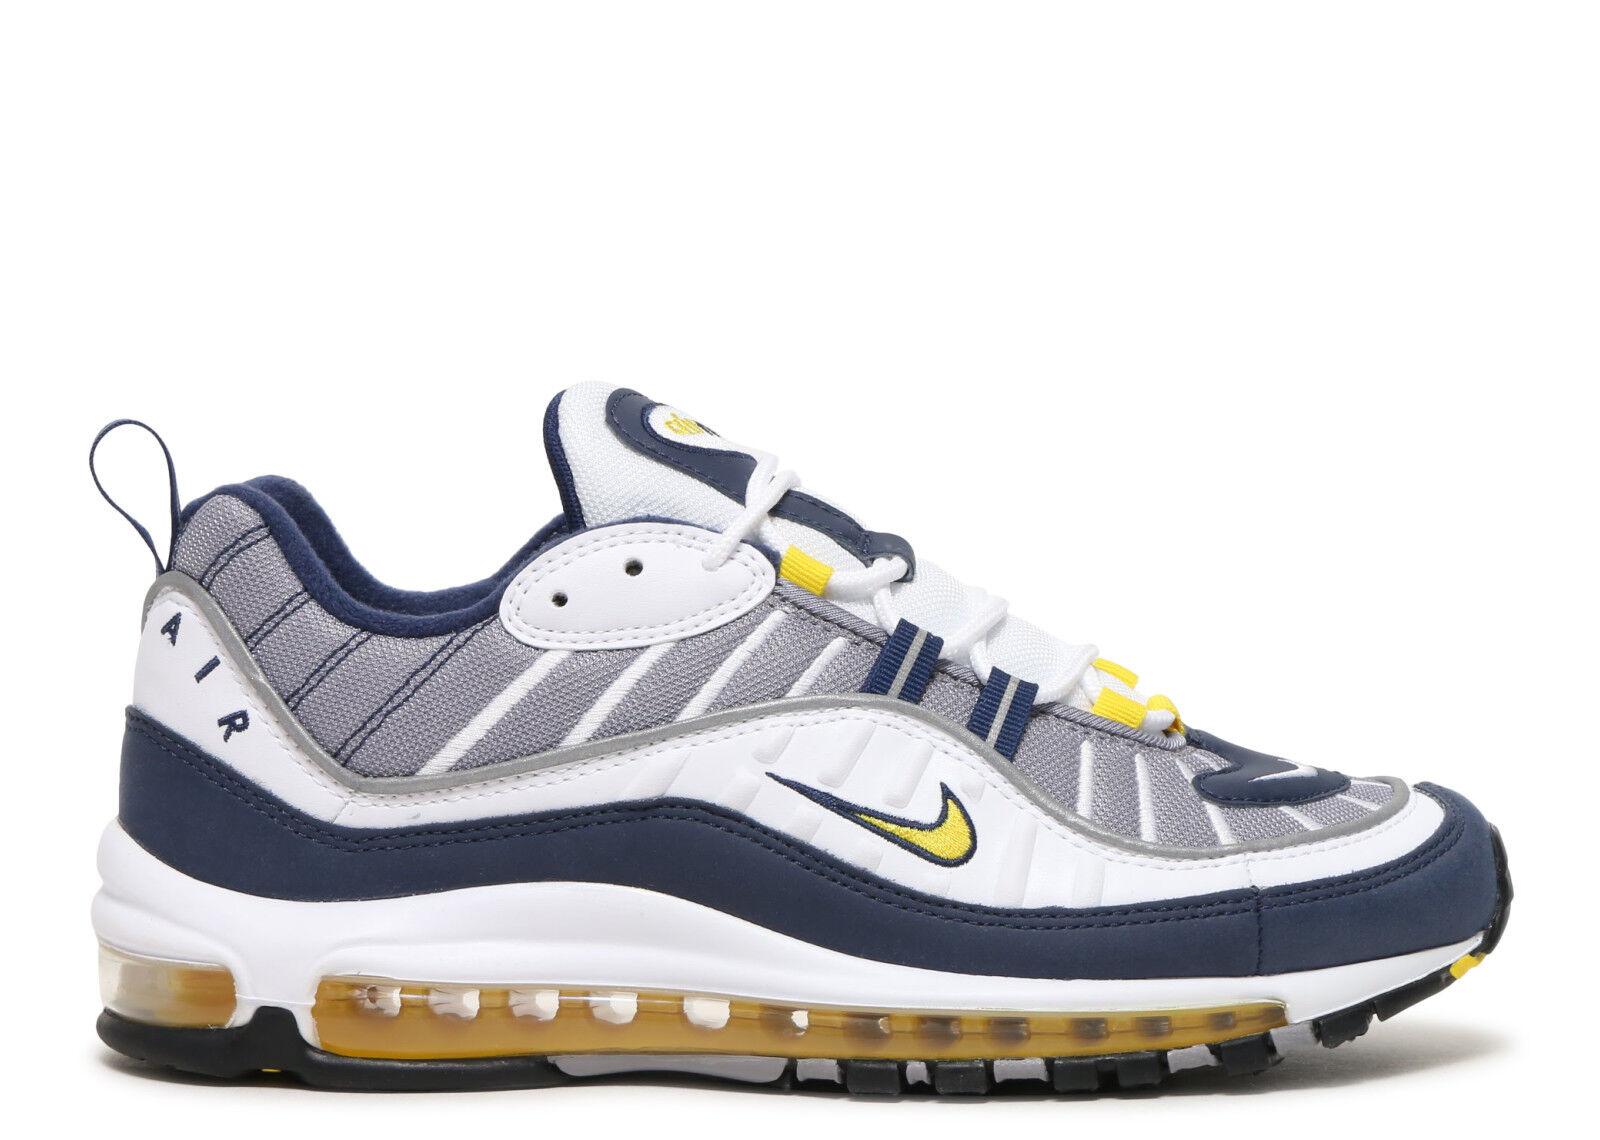 Nike air max 97 og tour giallo bianco mezzanotte marina 640744-105... gundam sz gli 8 e i 13